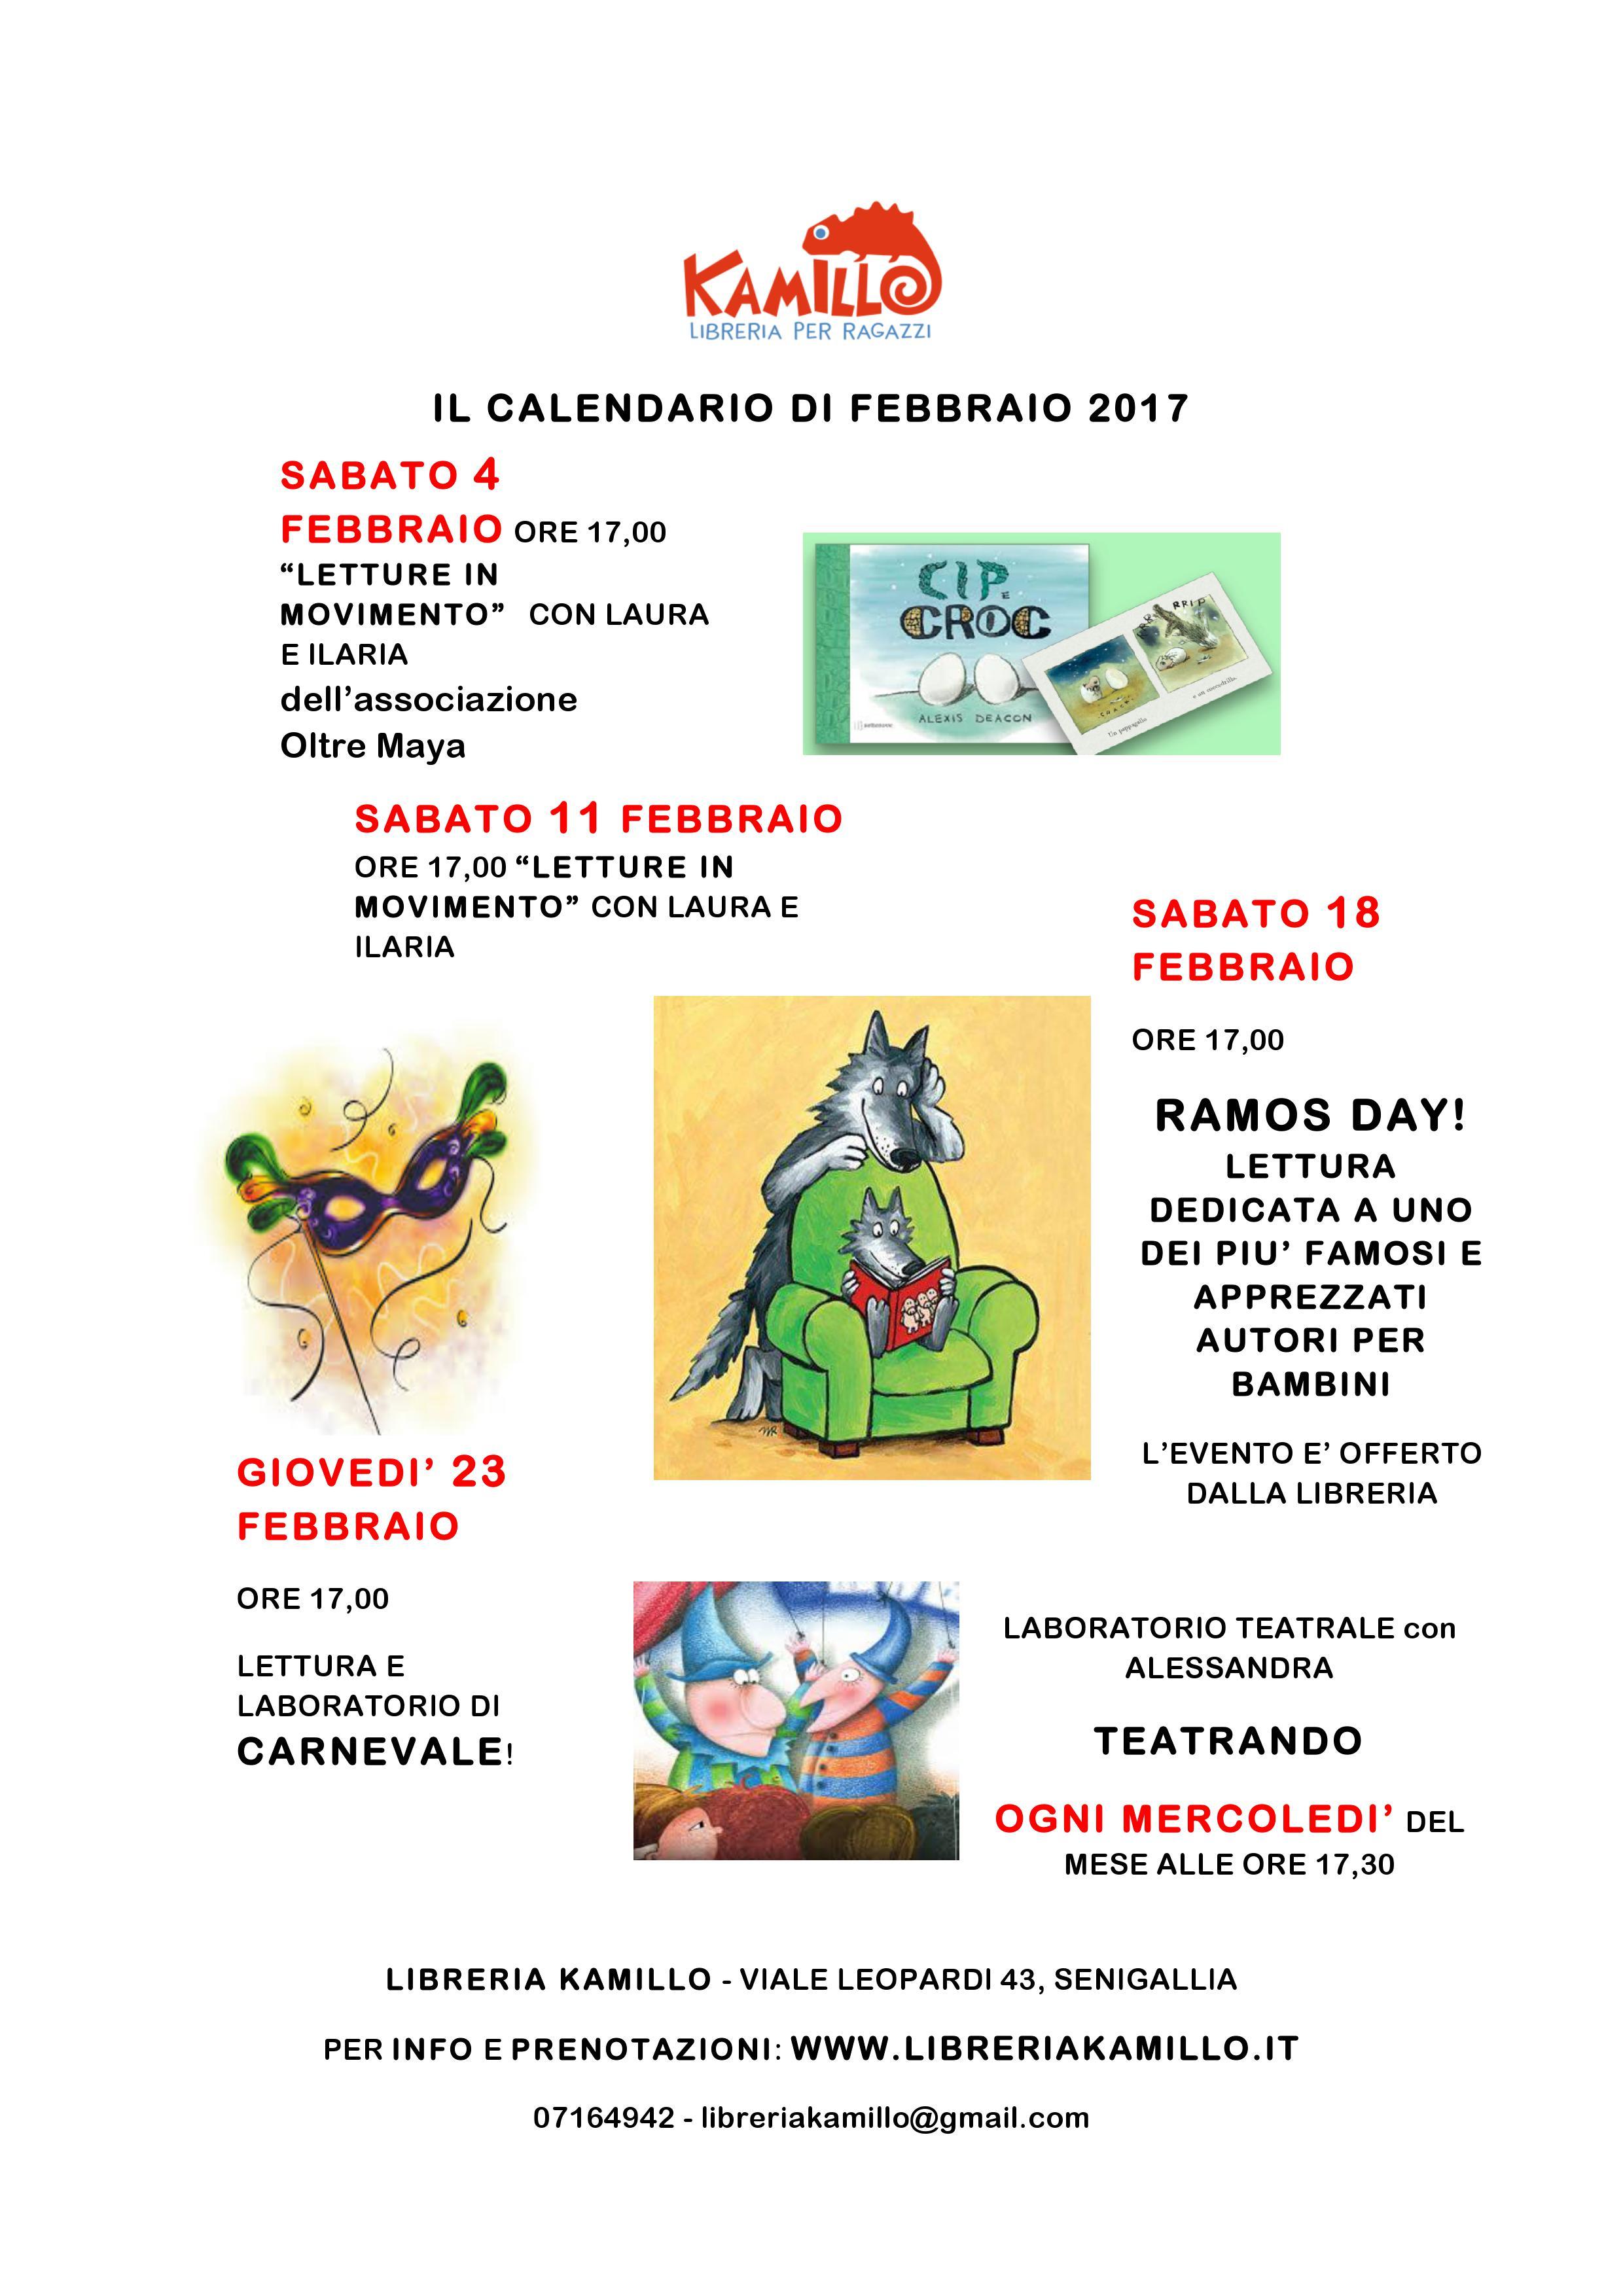 calendario febbraio libreria Kamillo